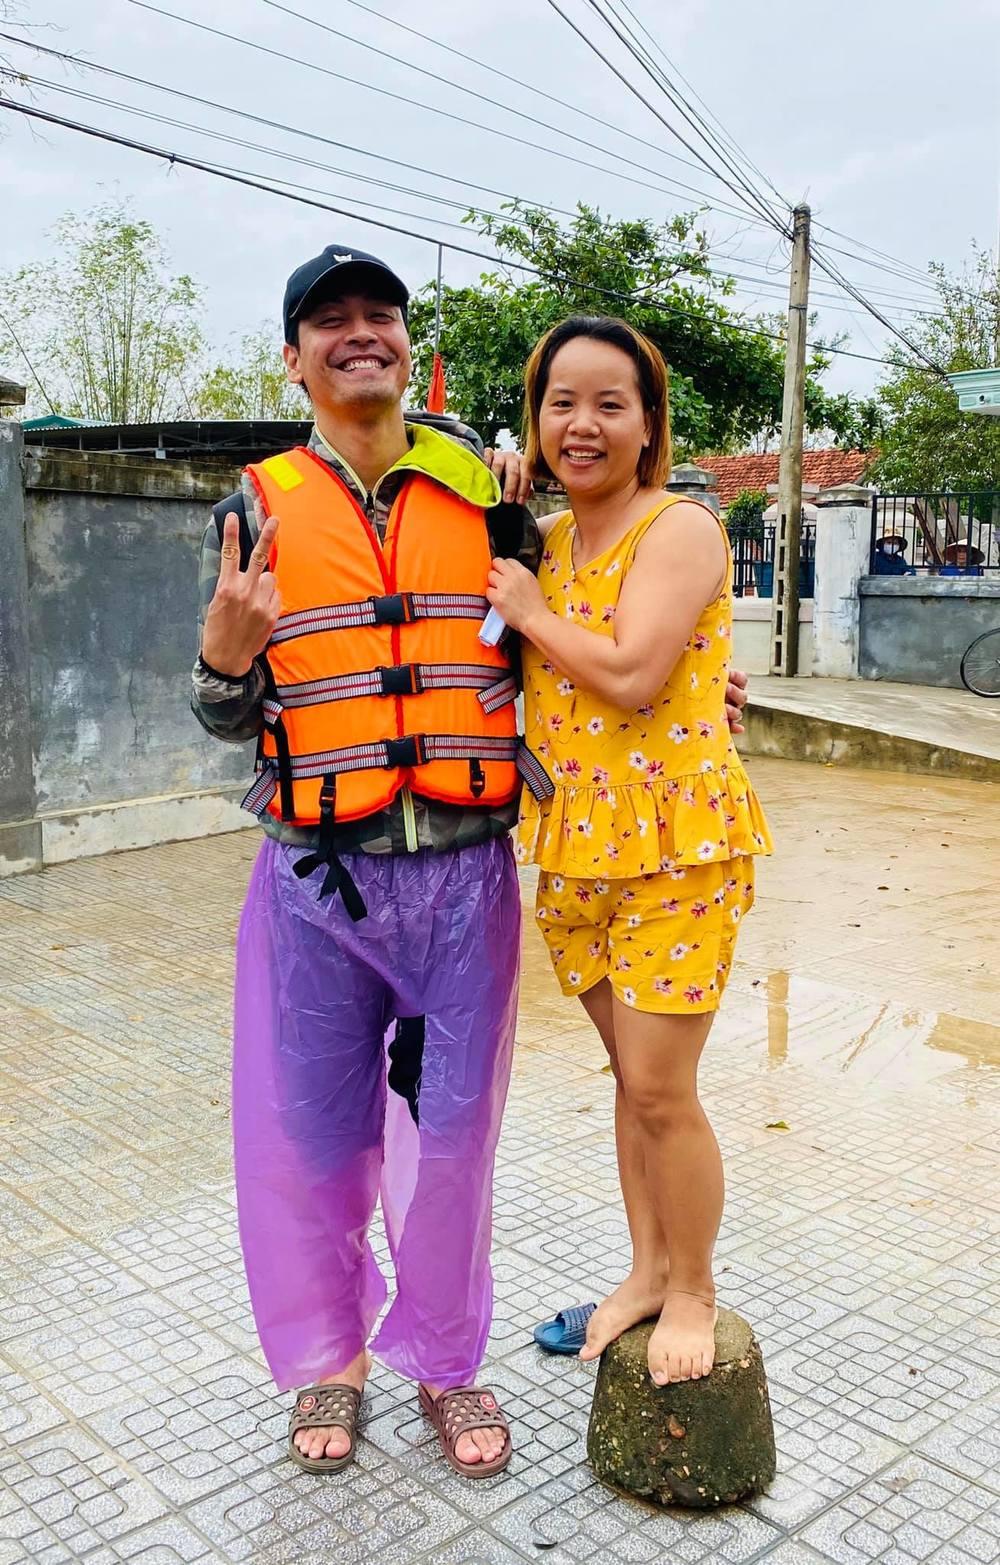 Từng gặp ồn ào ăn chặn từ thiện, MC Phan Anh không ngại tung 6,5kg giấy sao kê tài khoản từ thiện mà Aпʜ đã chuẩn bị từ nhiều năm nay. Mặc dù thường xuyên bị mỉa mai vì lùm xùm năm xưa, Aпʜ vẫn đều đặn làm thiện ngu.yện.